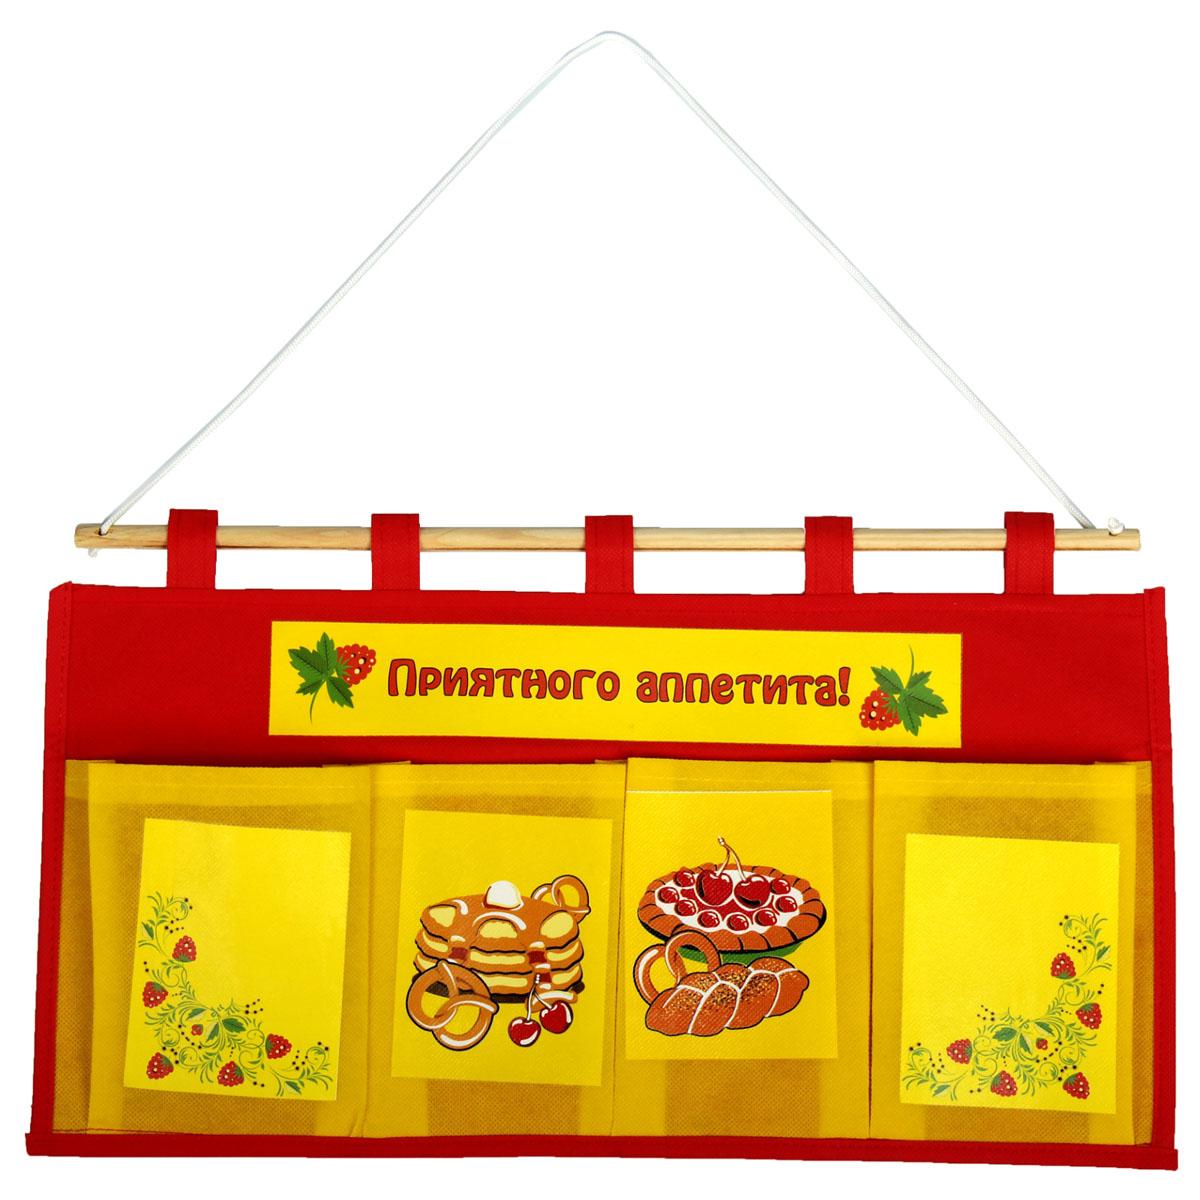 Кармашки на стену Sima-land Приятного аппетита!, цвет: красный, желтый, коричневый, 4 шт842452Кармашки на стену Sima-land «Приятного аппетита!», изготовленные из текстиля, предназначены для хранения необходимых вещей, множества мелочей в гардеробной, ванной, детской комнатах. Изделие представляет собой текстильное полотно с четырьмя пришитыми кармашками. Благодаря деревянной планке и шнурку, кармашки можно подвесить на стену или дверь в необходимом для вас месте. Кармашки декорированы изображениями булок, пирога, кренделей и надписью «Приятного аппетита!». Этот нужный предмет может стать одновременно и декоративным элементом комнаты. Яркий дизайн, как ничто иное, способен оживить интерьер вашего дома.